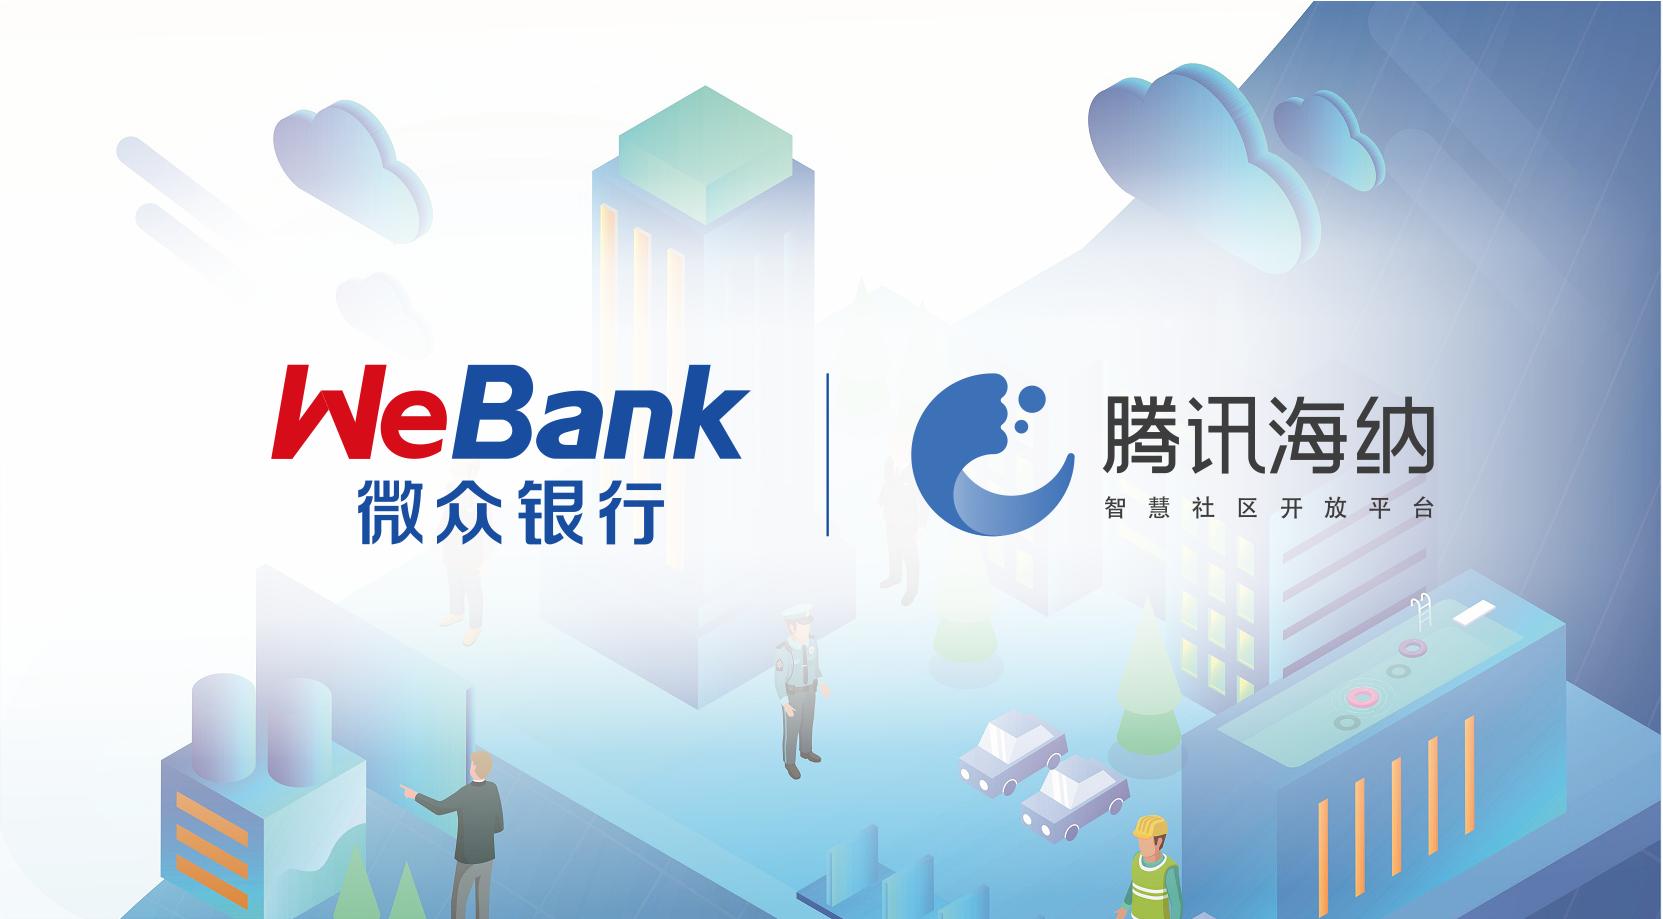 腾讯 区块链 微众银行 物业公司 物业管理